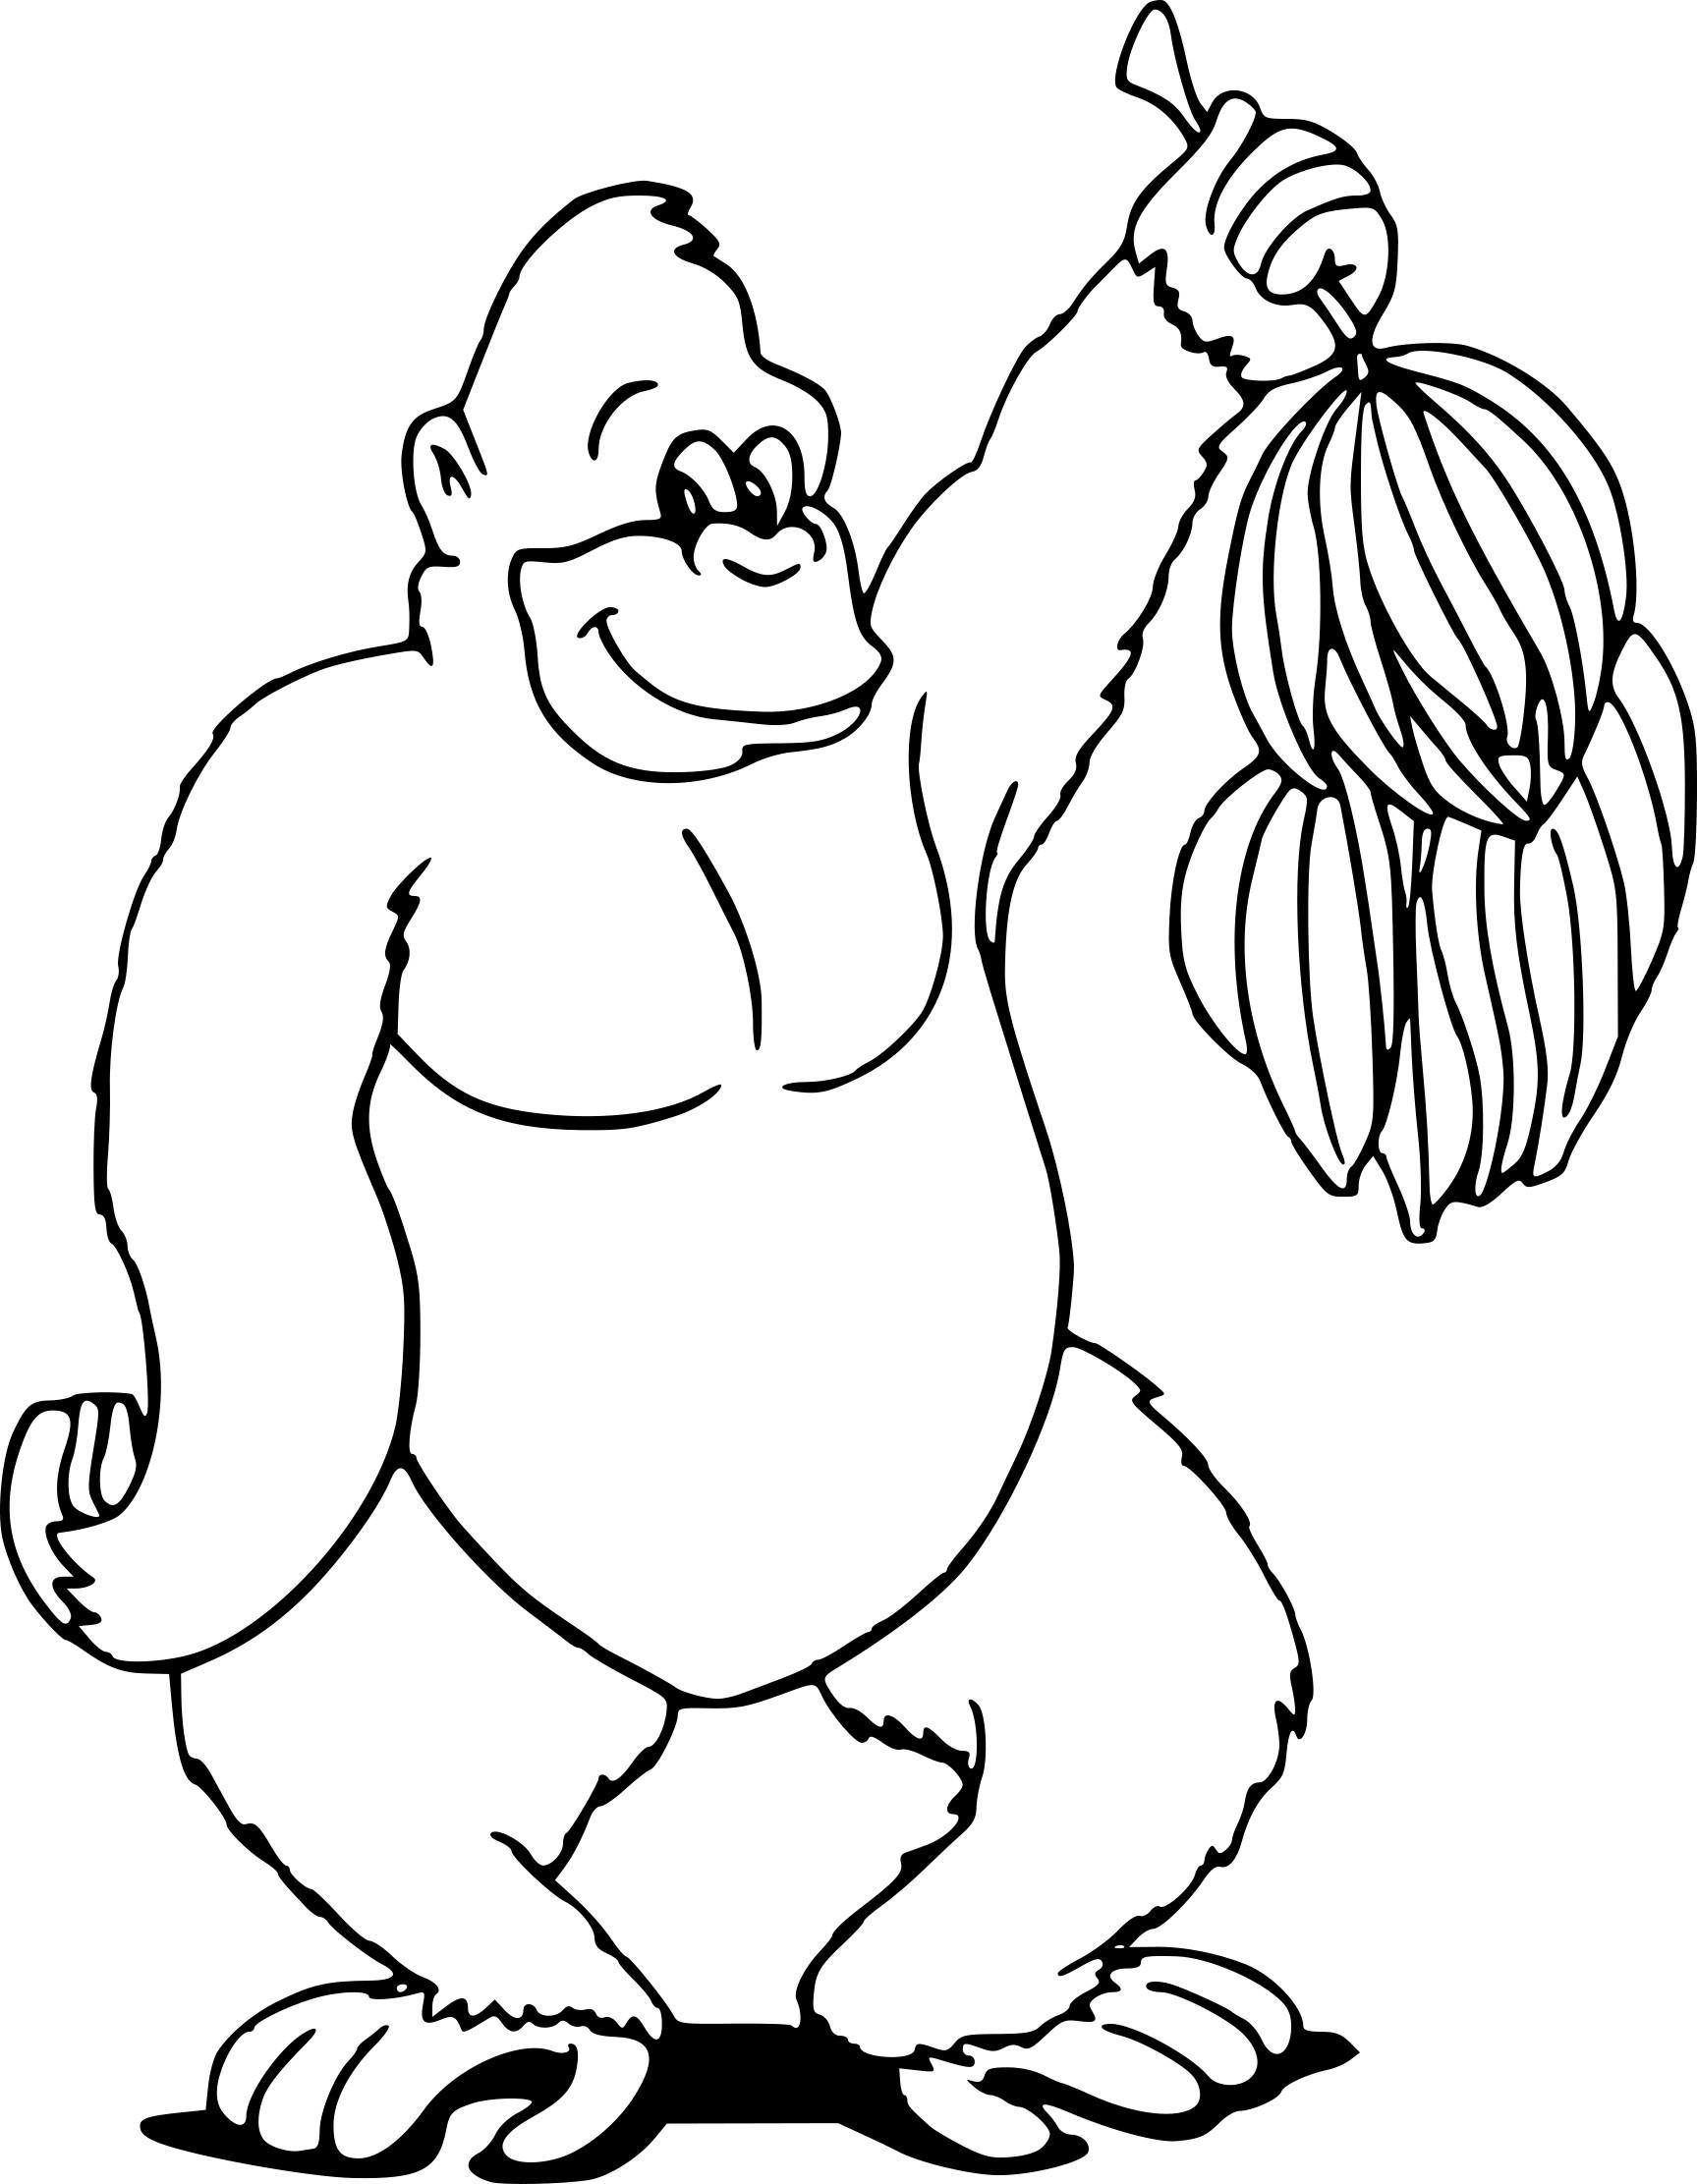 Coloriage Gorille À Imprimer Sur Coloriages intérieur Coloriage Gorille